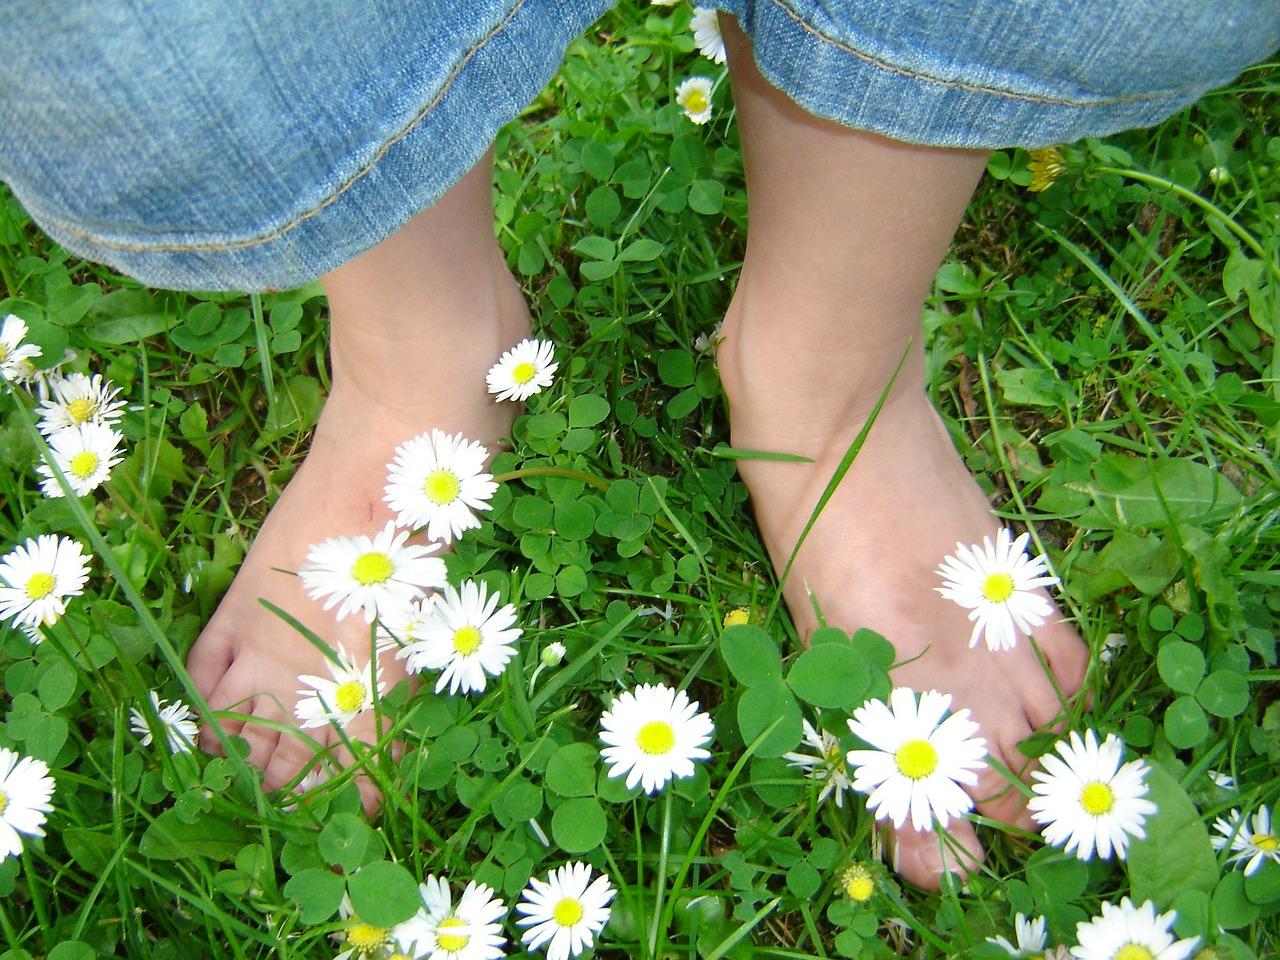 モテ期は自分で呼ぼう!この春、モテるためのポイントは……脚!